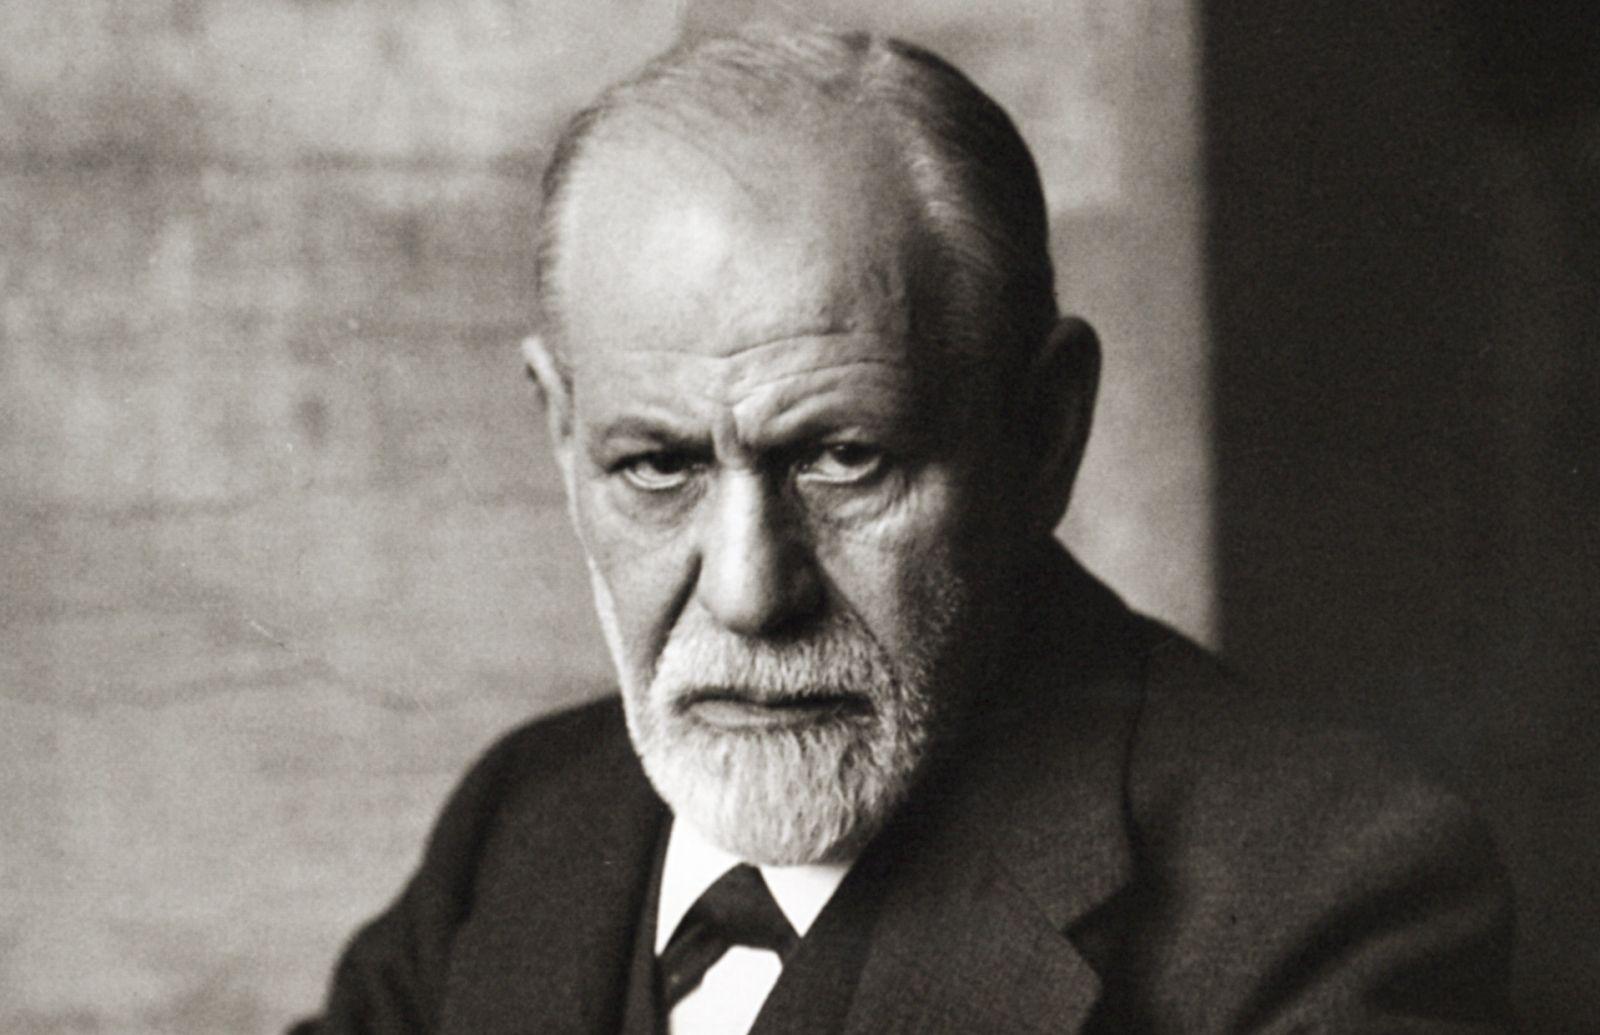 Зигмунд Фрейд: «Мы встречаем только тех, кто уже существует в нашем подсознании»